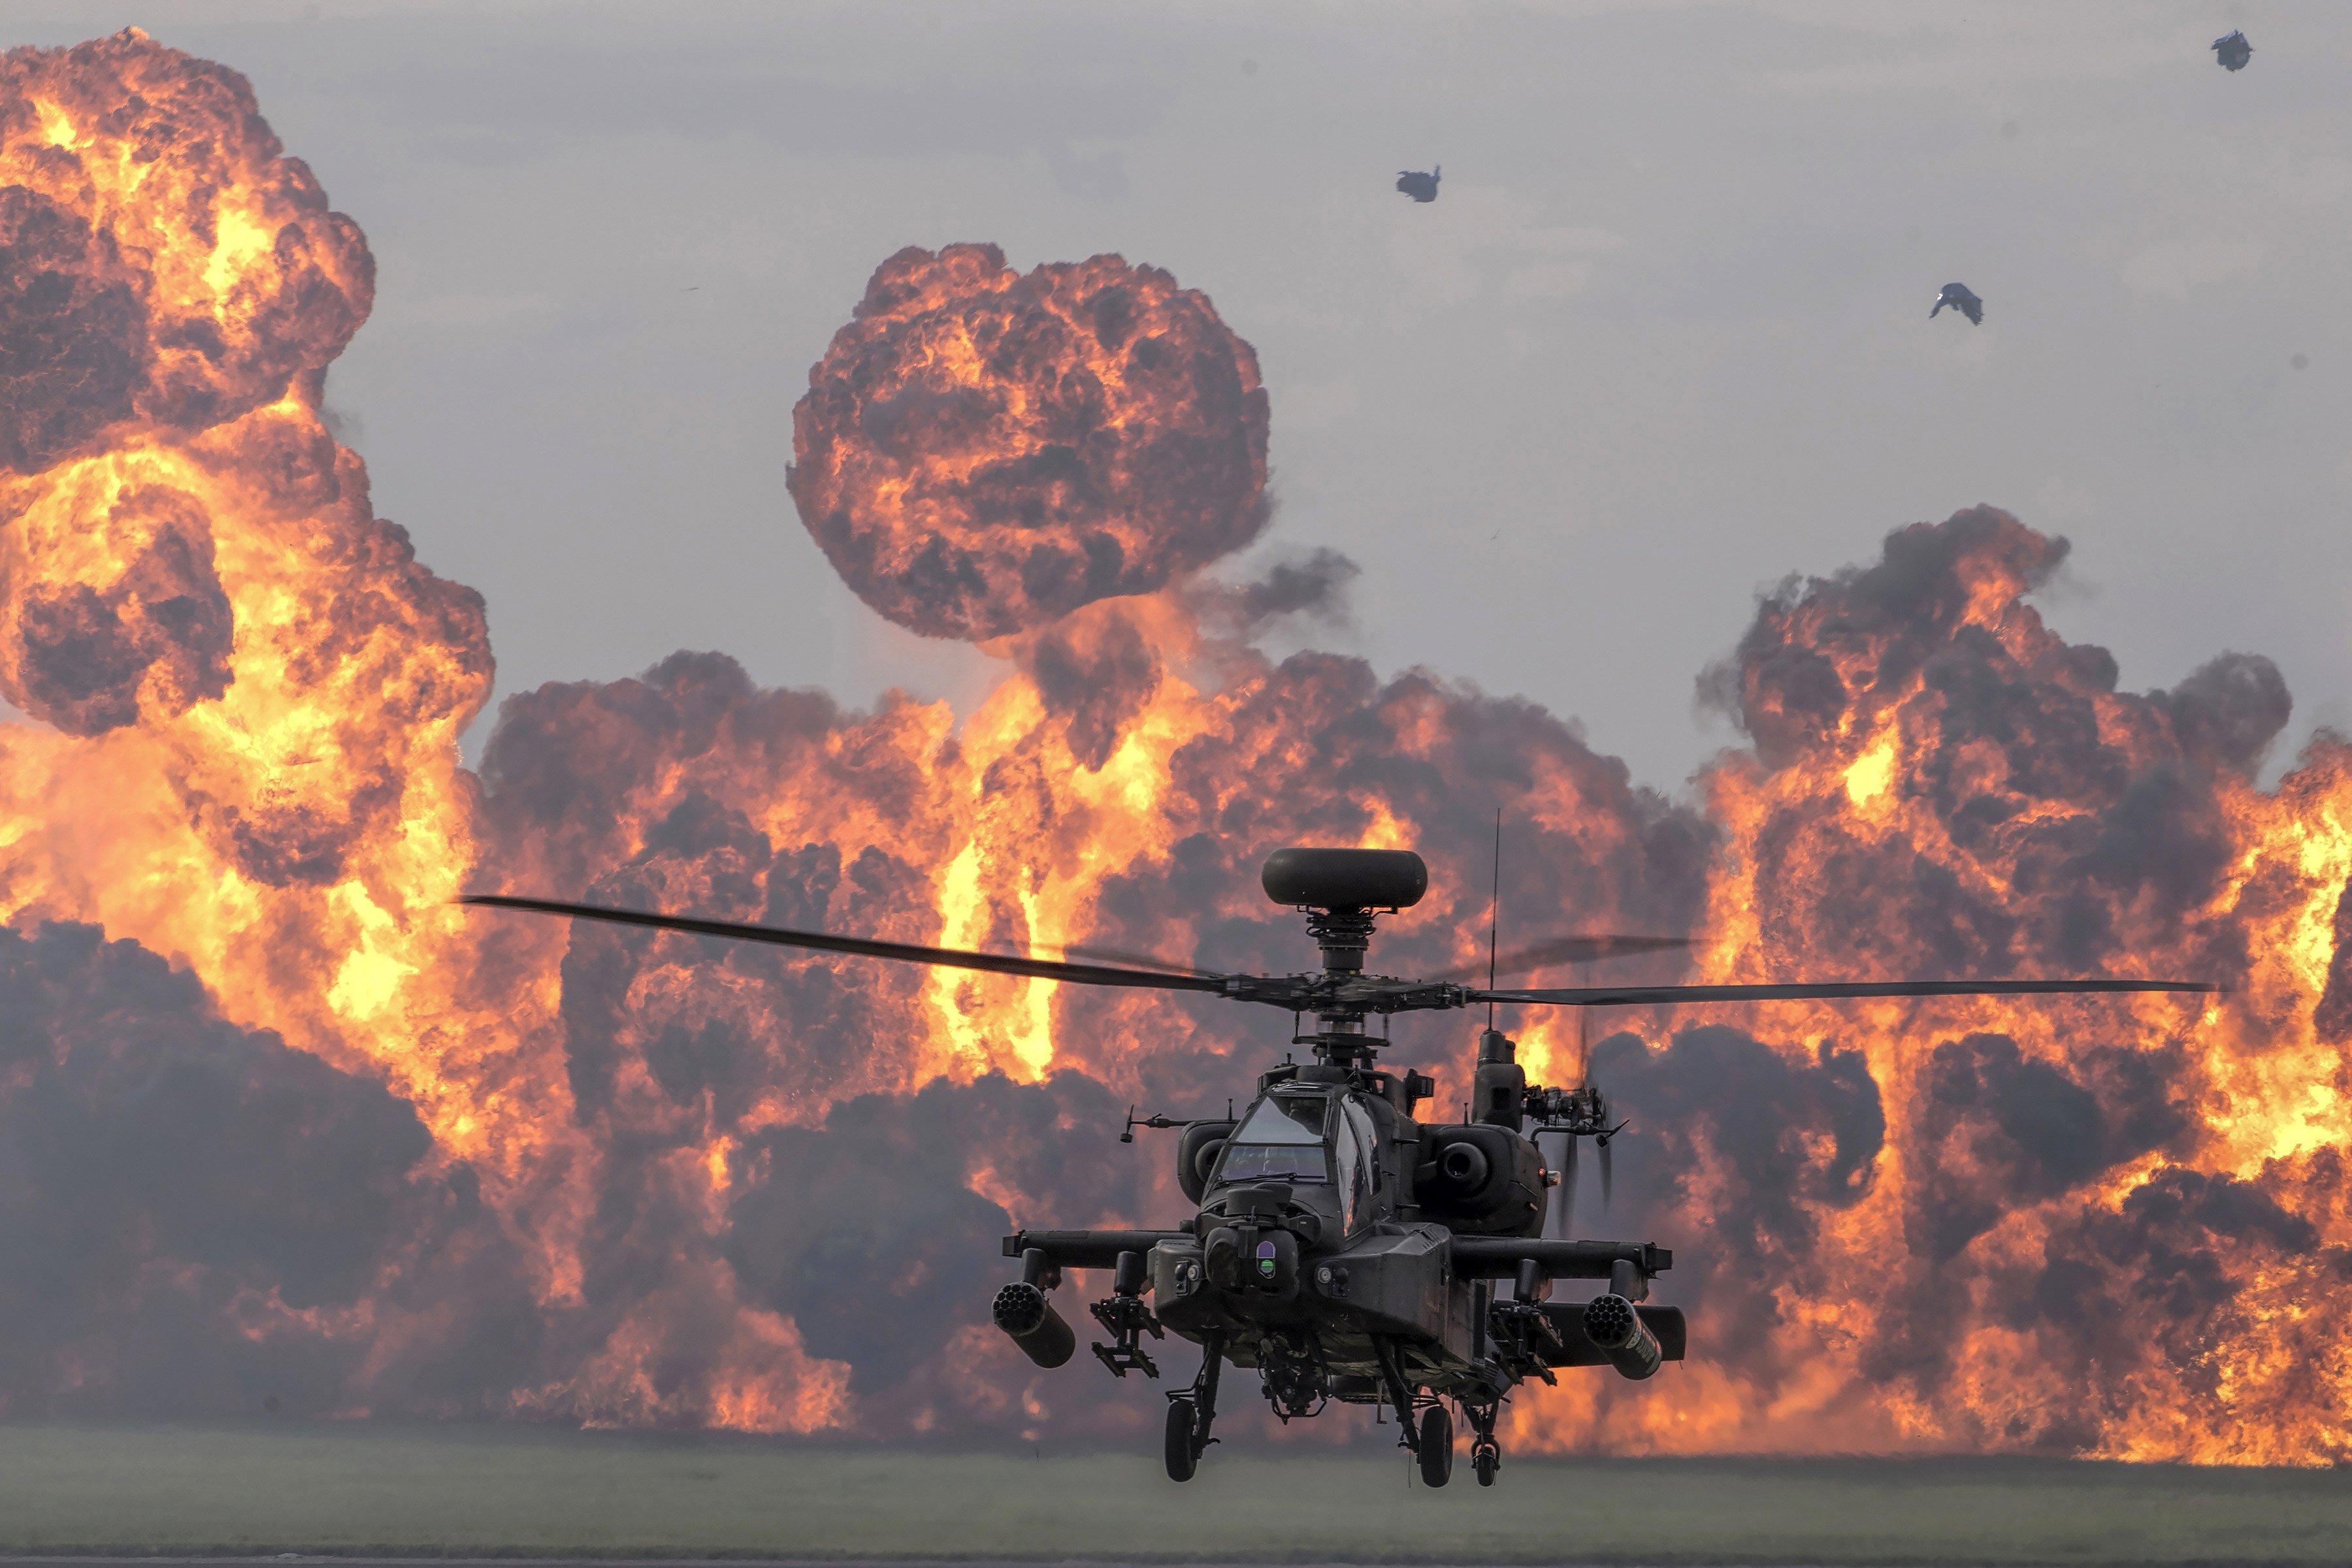 Un helicòpter d'atac Apatxe, del Cos Aeri de l'Exèrcit Britànic, de l'Equip d'Exhibició d'Helicòpters d'Atac, en una exhibició, per celebrar el 60 aniversari del Cos Aeri de l'Exèrcit i el 75 aniversari dels Enginyers Elèctrics i Mecànics Reals, a Wattisham, Anglaterra. /JAMIE PETERS